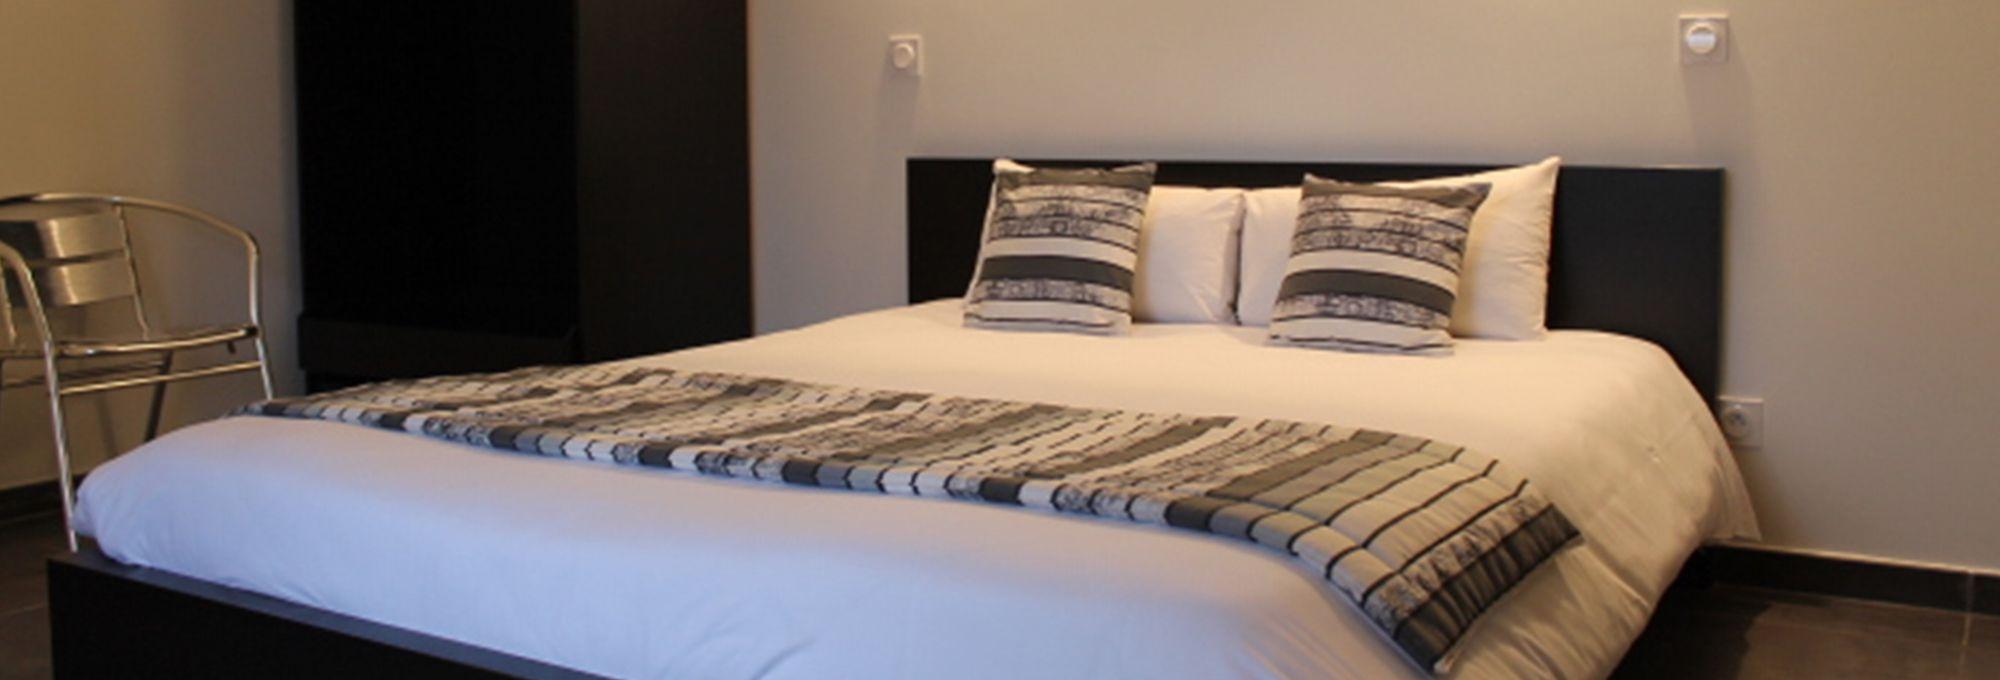 hotel lyon ouest l 39 arbresle brit hotel l 39 adresse. Black Bedroom Furniture Sets. Home Design Ideas